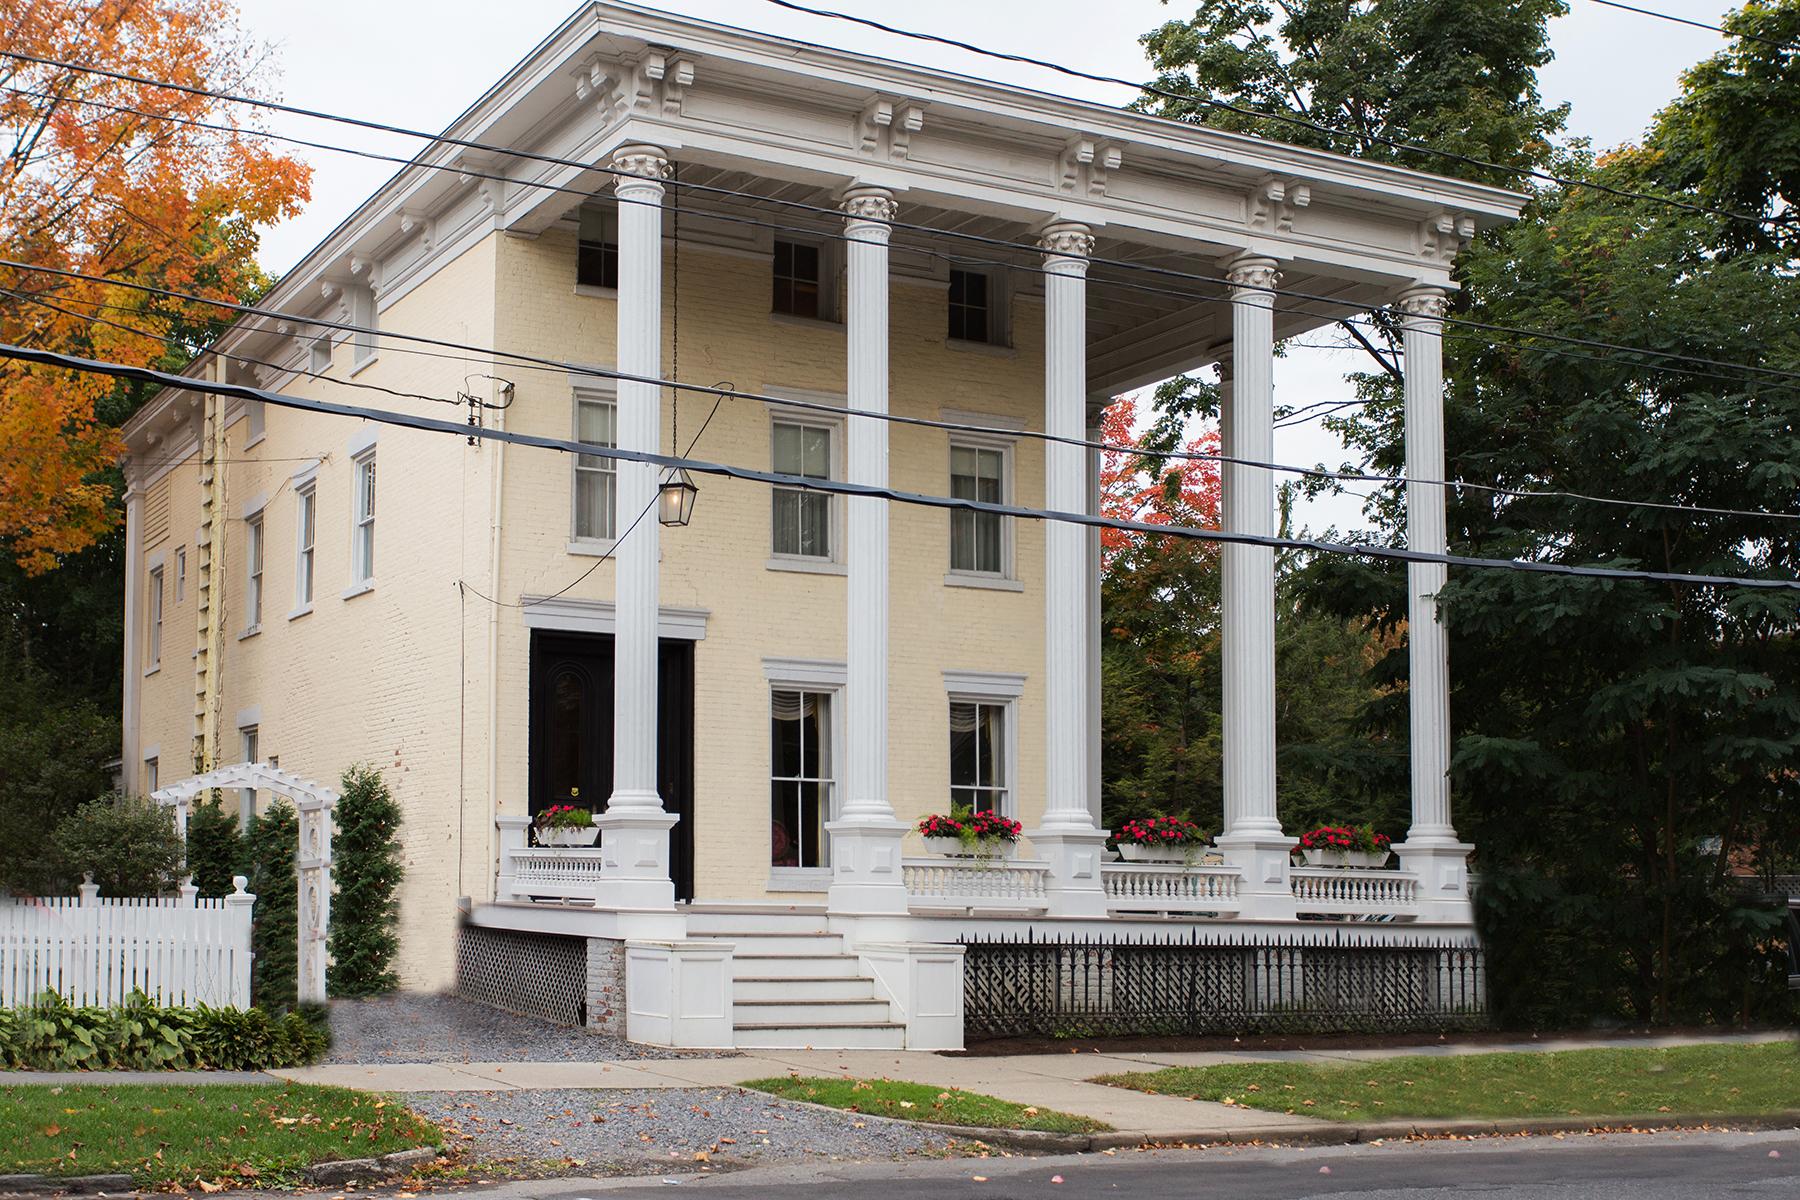 Einfamilienhaus für Verkauf beim Classic Downtown Charm 108 Circular St Saratoga Springs, New York 12866 Vereinigte Staaten